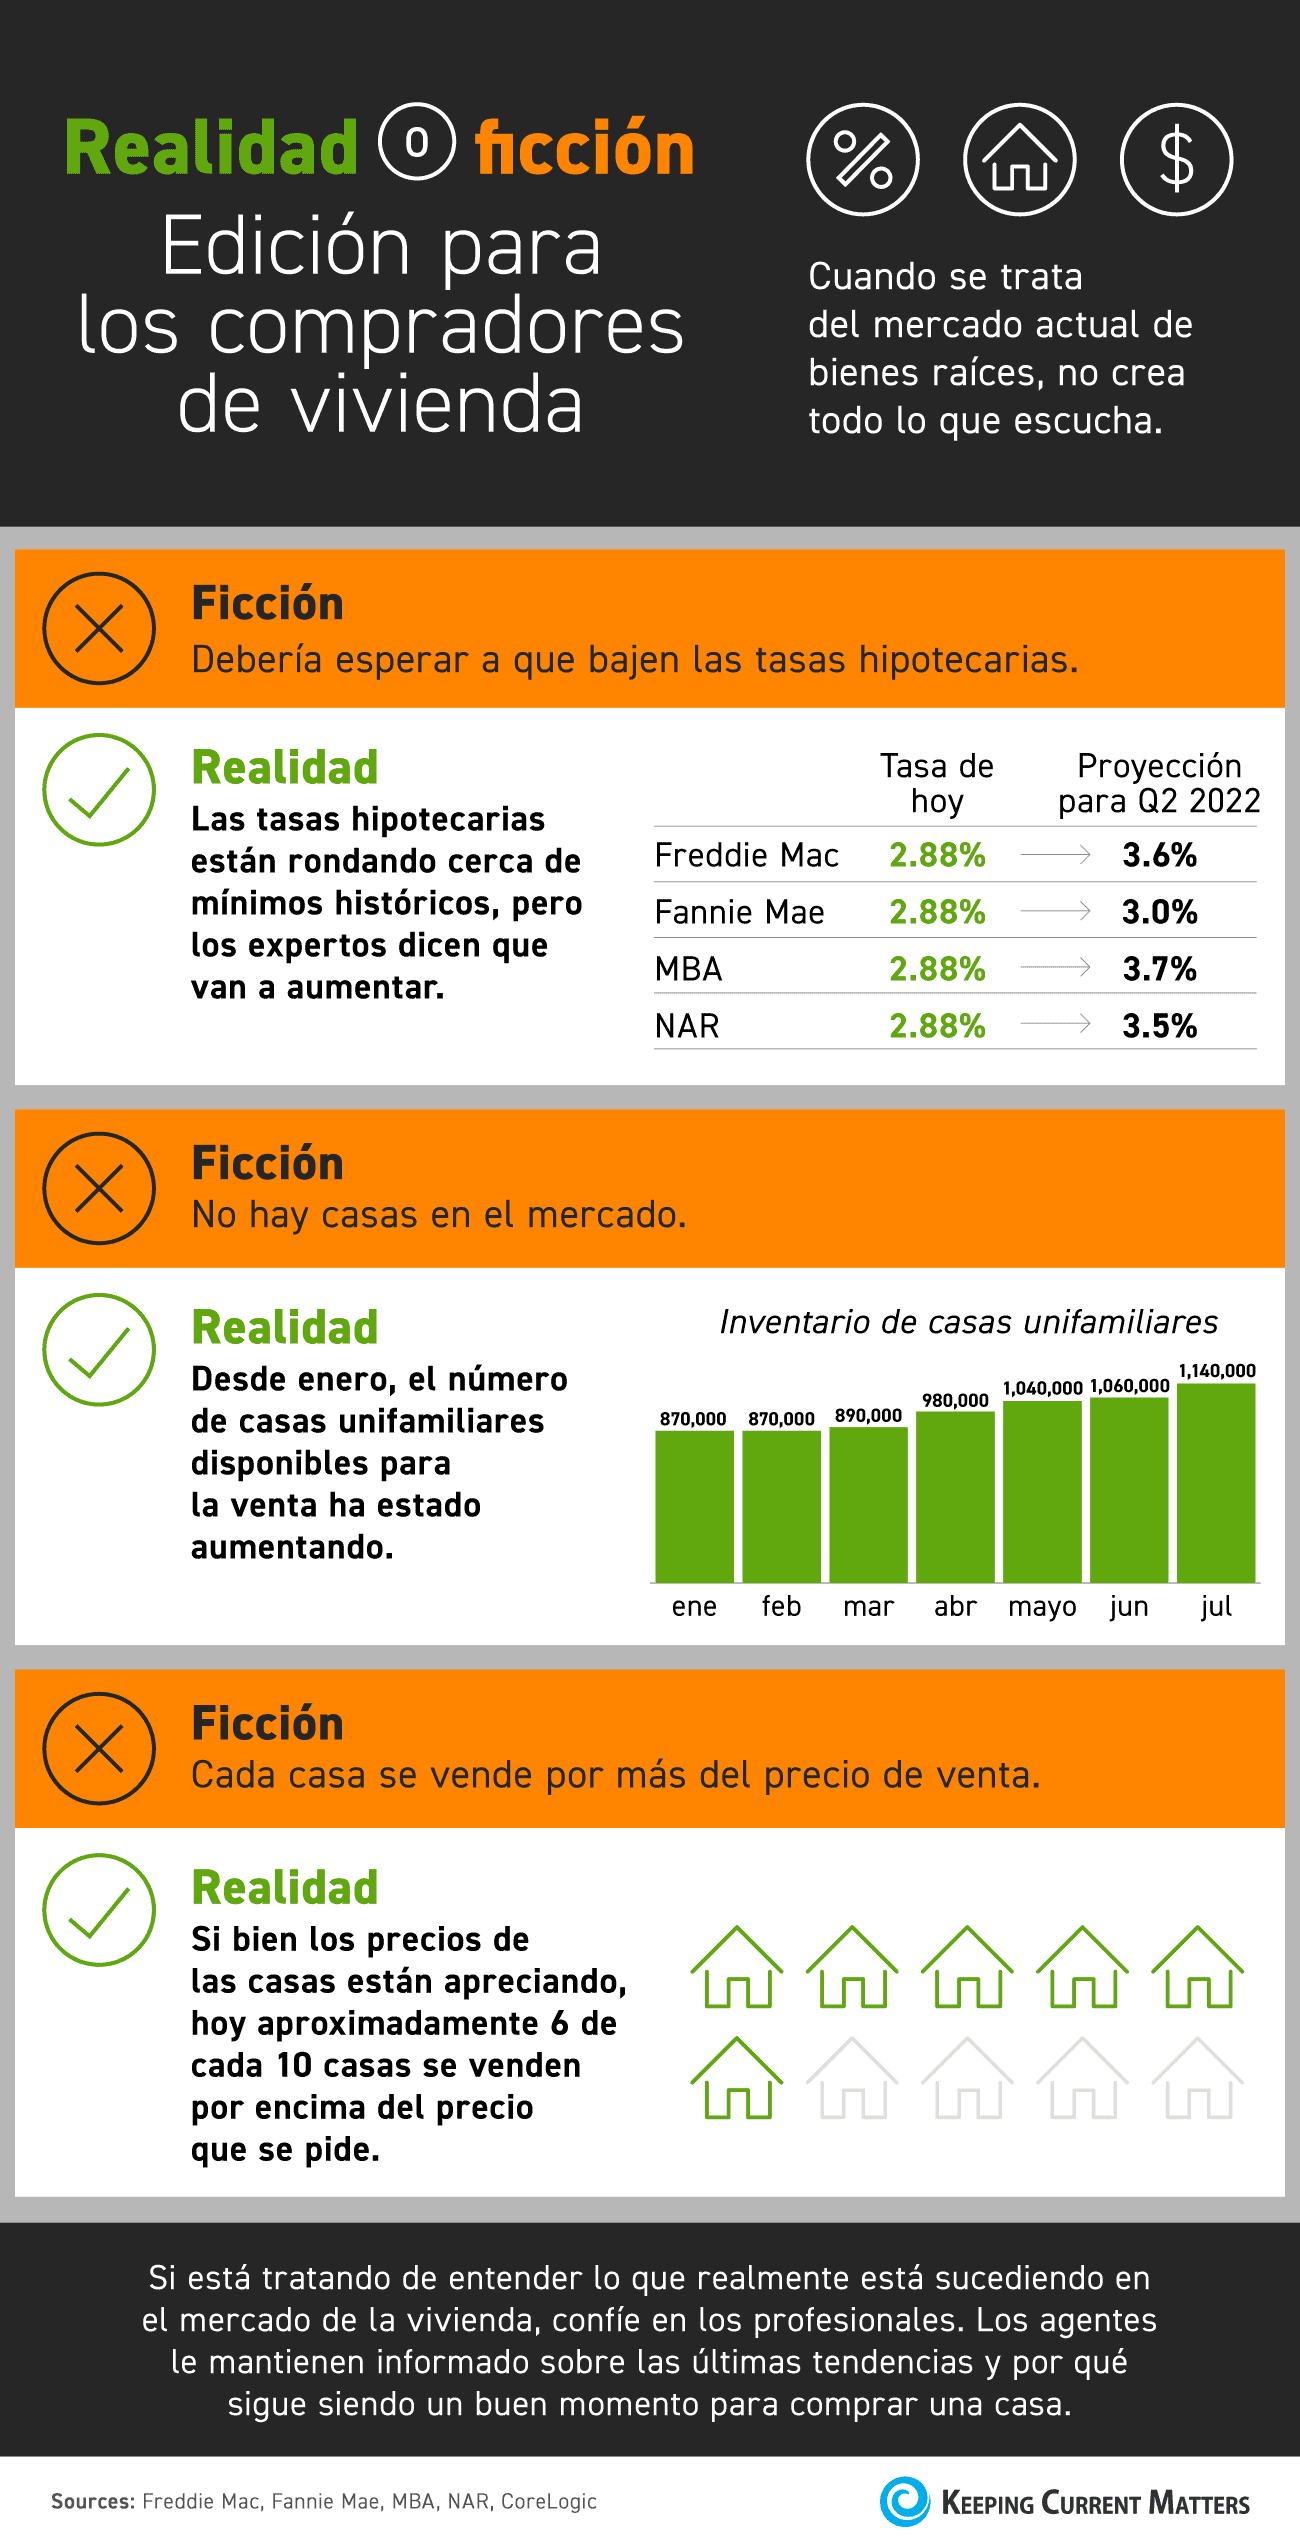 Realidad o ficción: Edición para los compradores de vivienda [infografía] | Keeping Current Matters